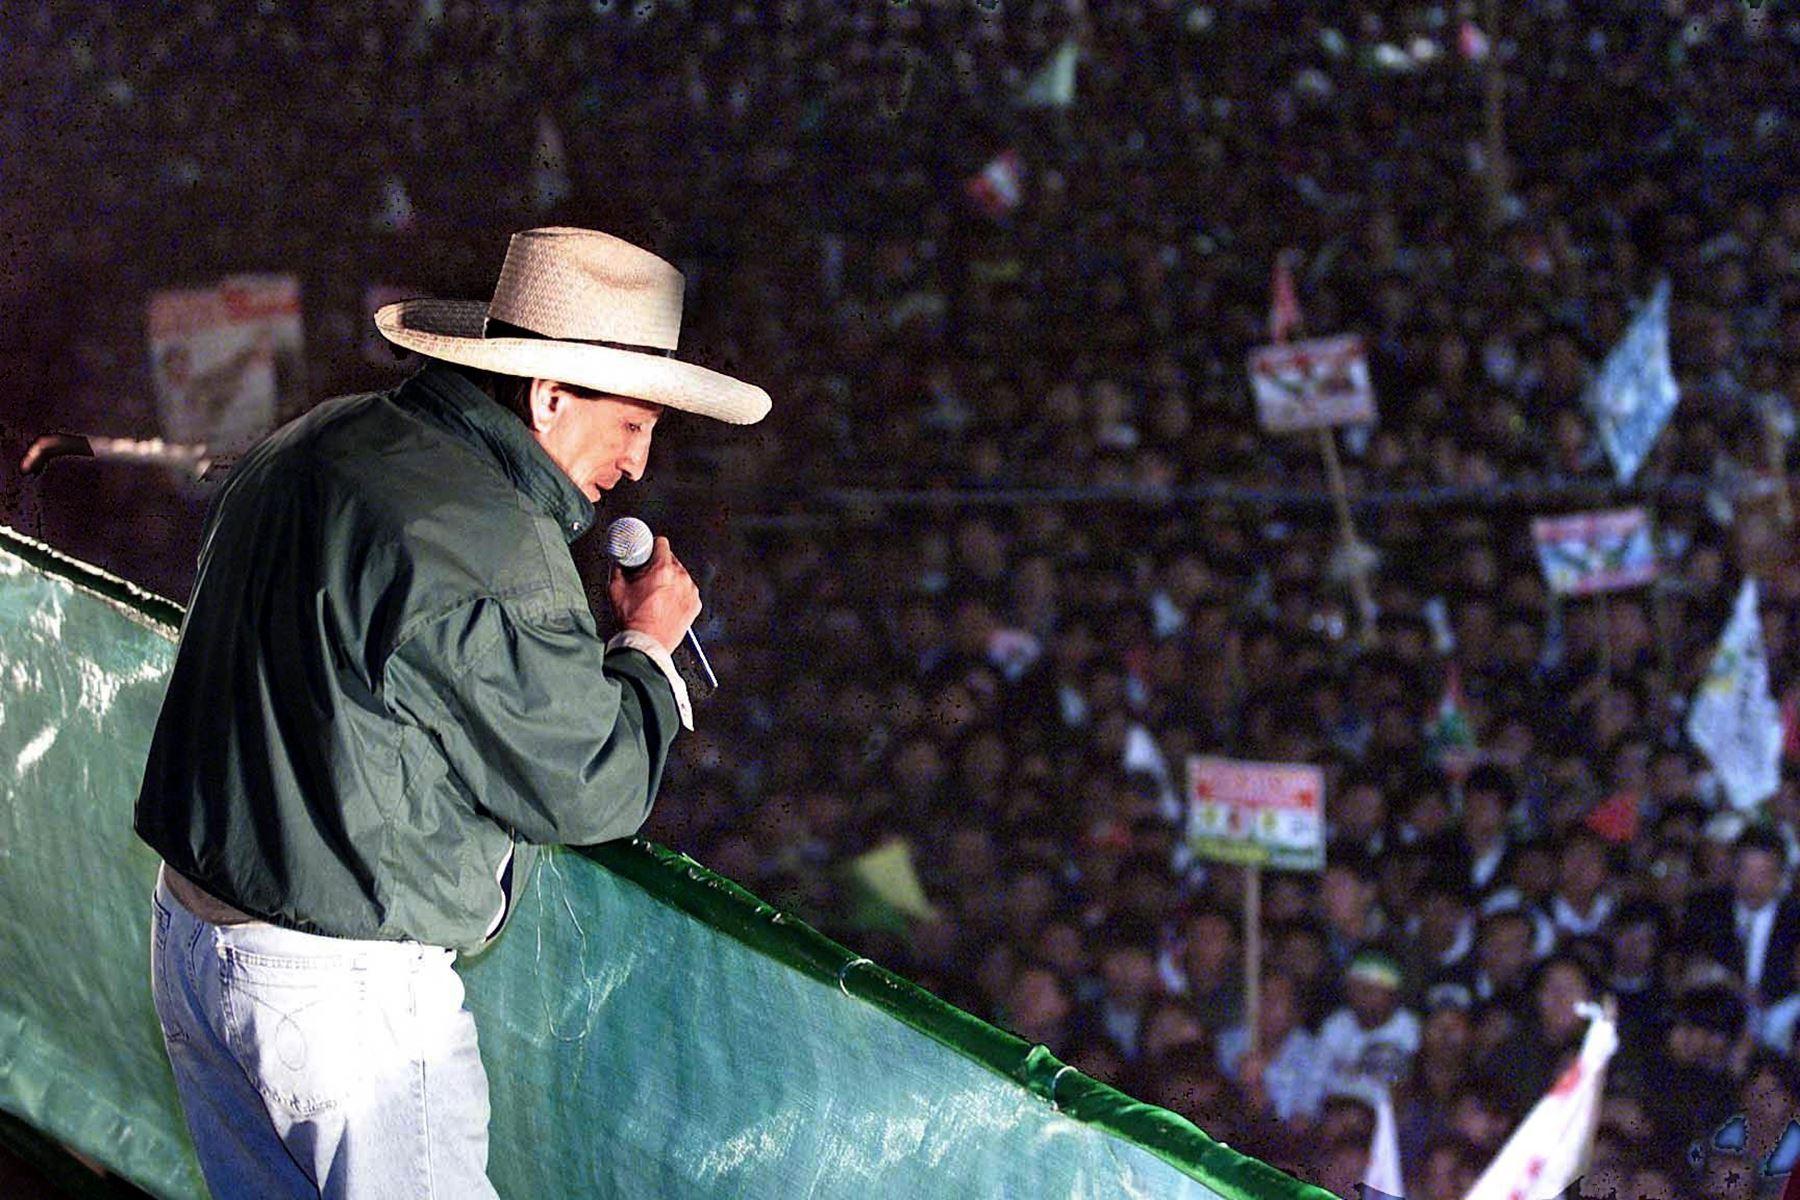 El candidato presidencial Alejandro Toledo habla ante una multitud de simpatizantes el 5 de abril de 2000 en Arequipa. Toledo, del partido Perú Posible, se enfrenta al presidente peruano Alberto Fujimori, quien está buscando un tercer mandato.   Foto: AFP